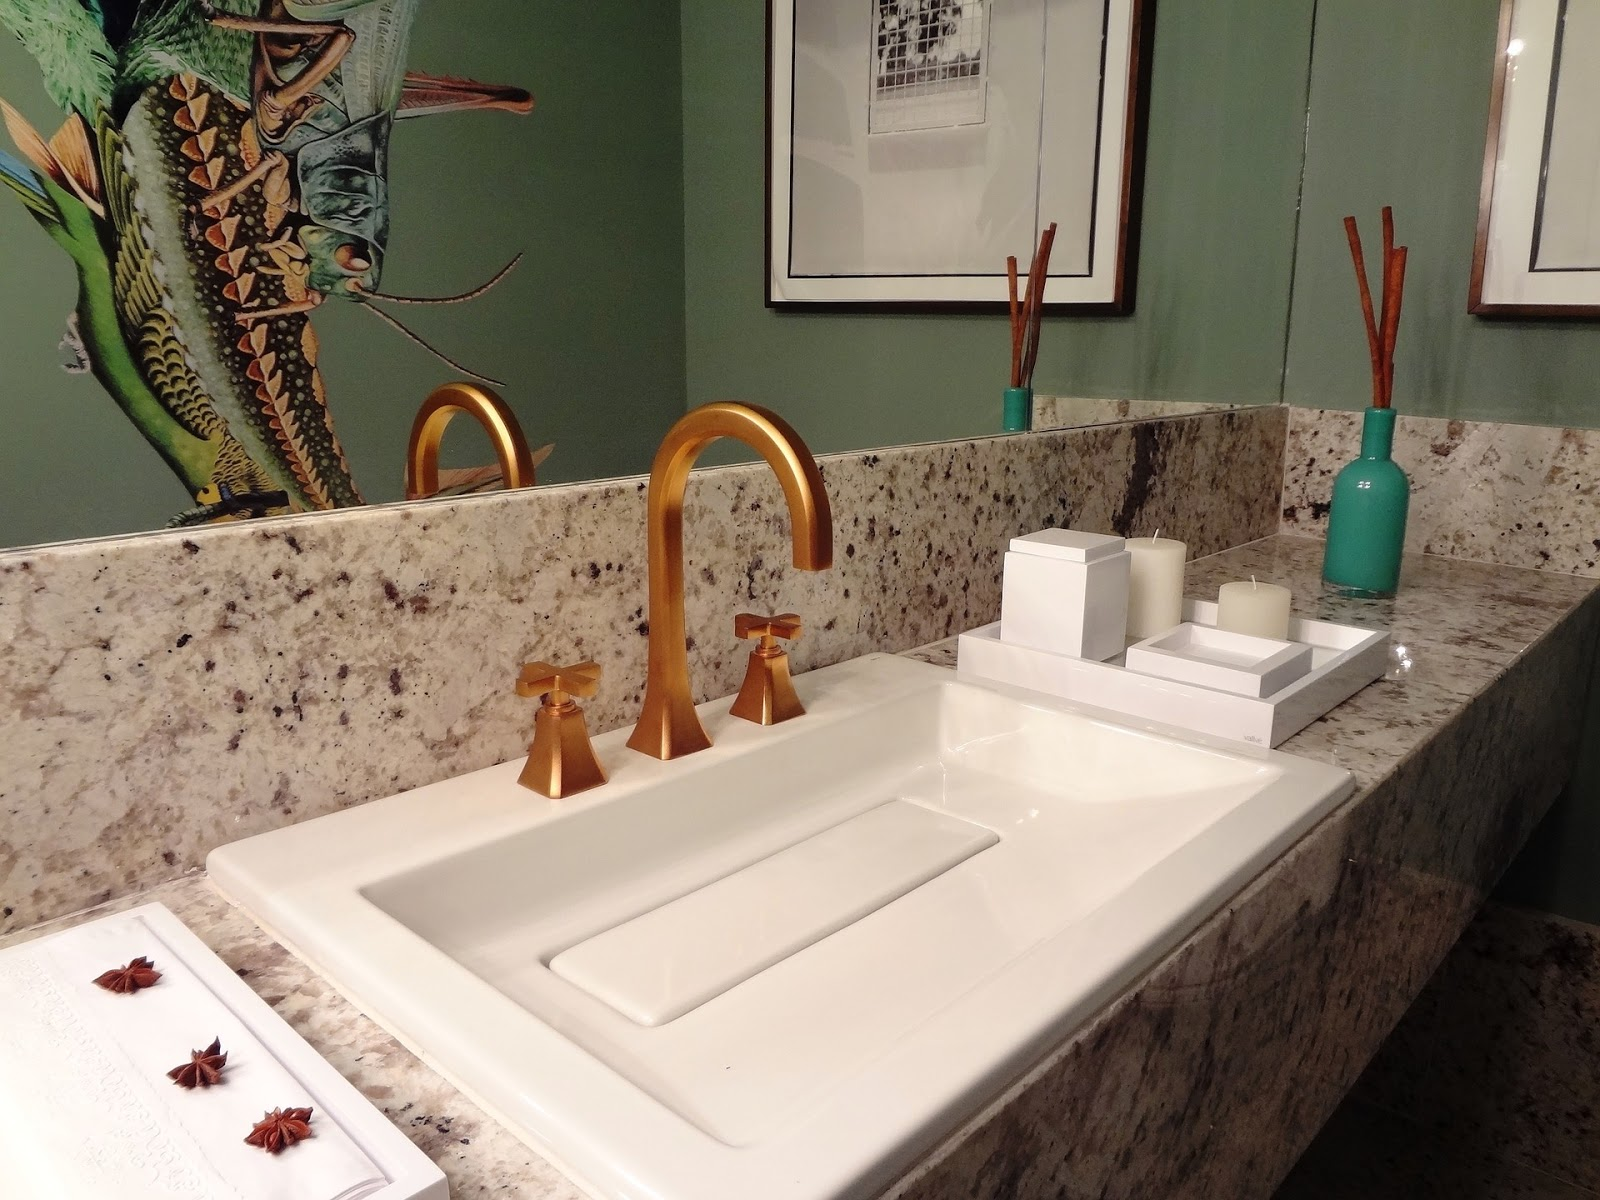 Badezimmer farblich gestalten Farben zum Wachwerden oder Relaxen